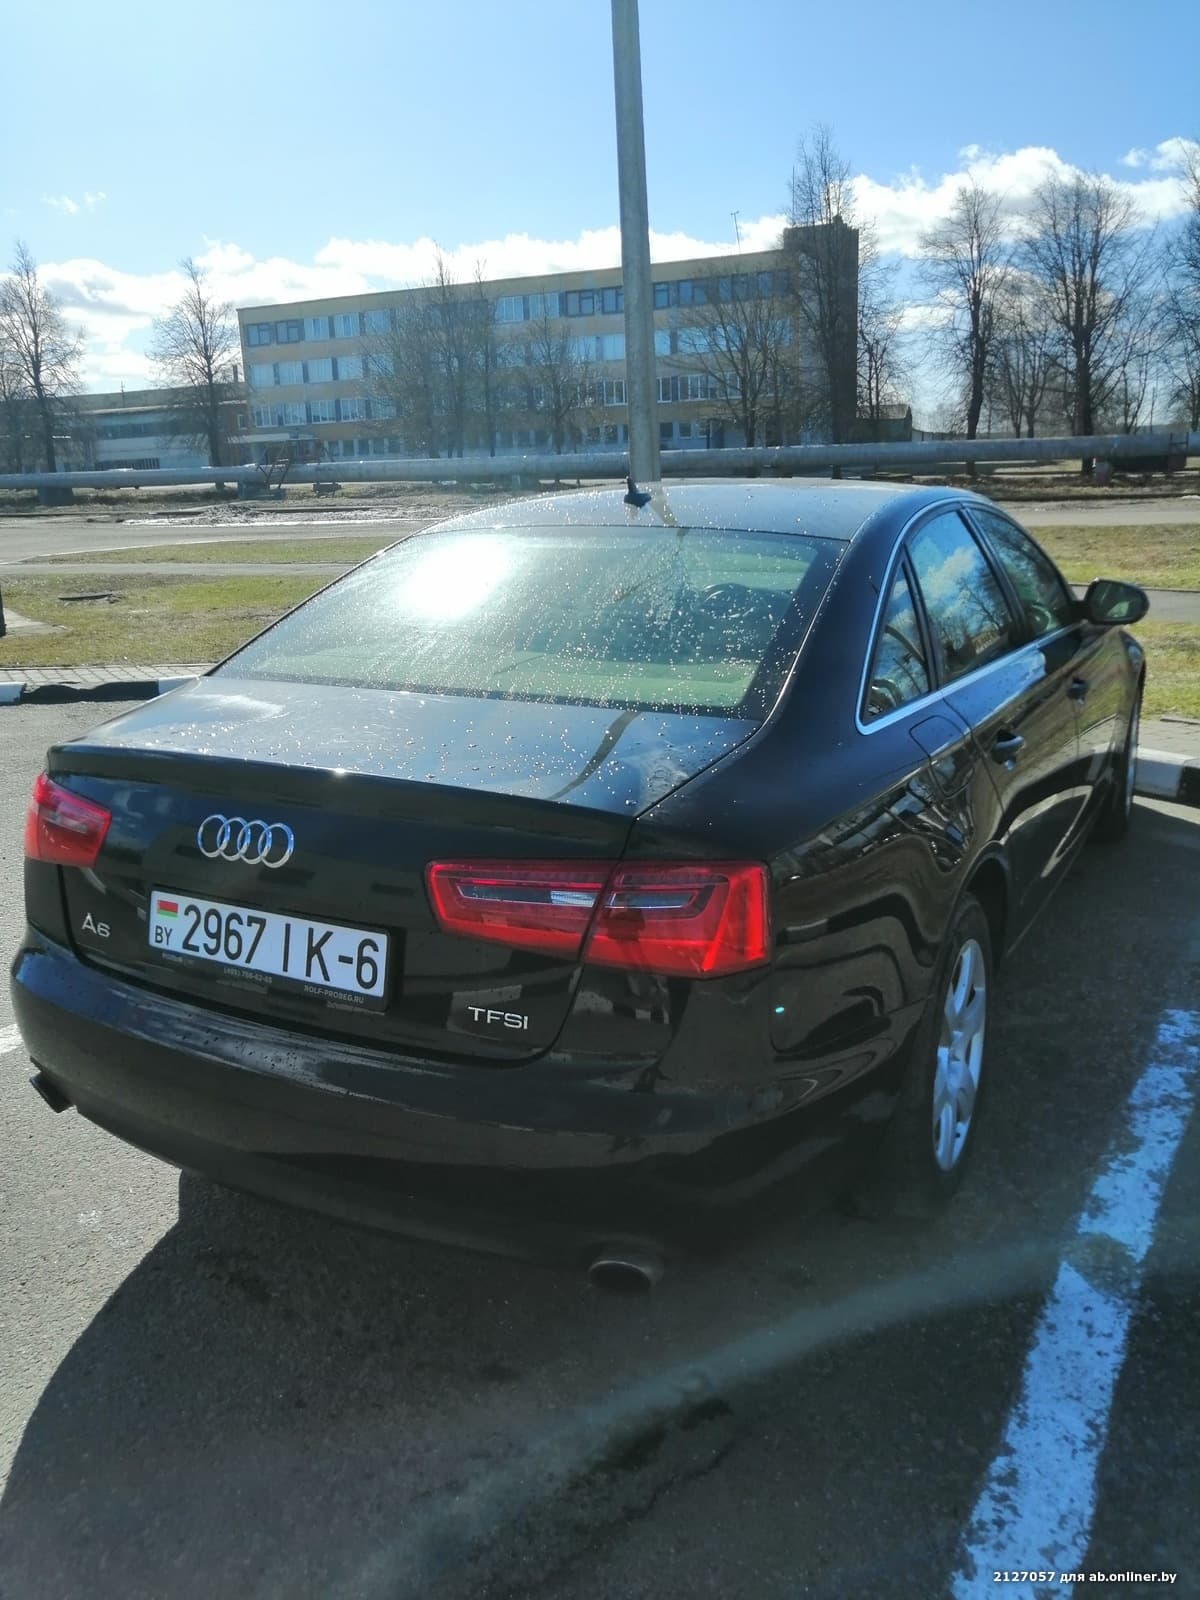 Audi A6 C7 TFSI